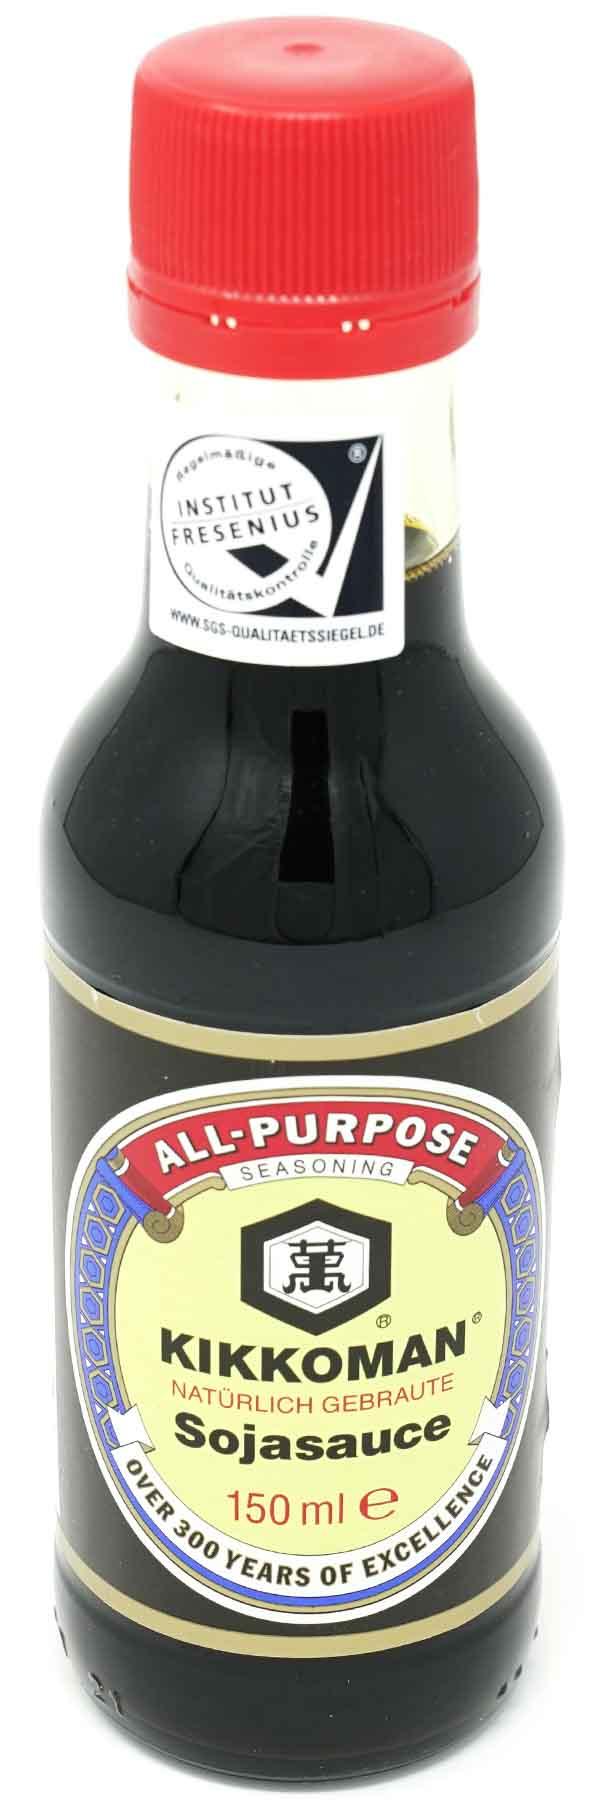 KIKKOMAN Soja Sauce dunkel, 150 ml